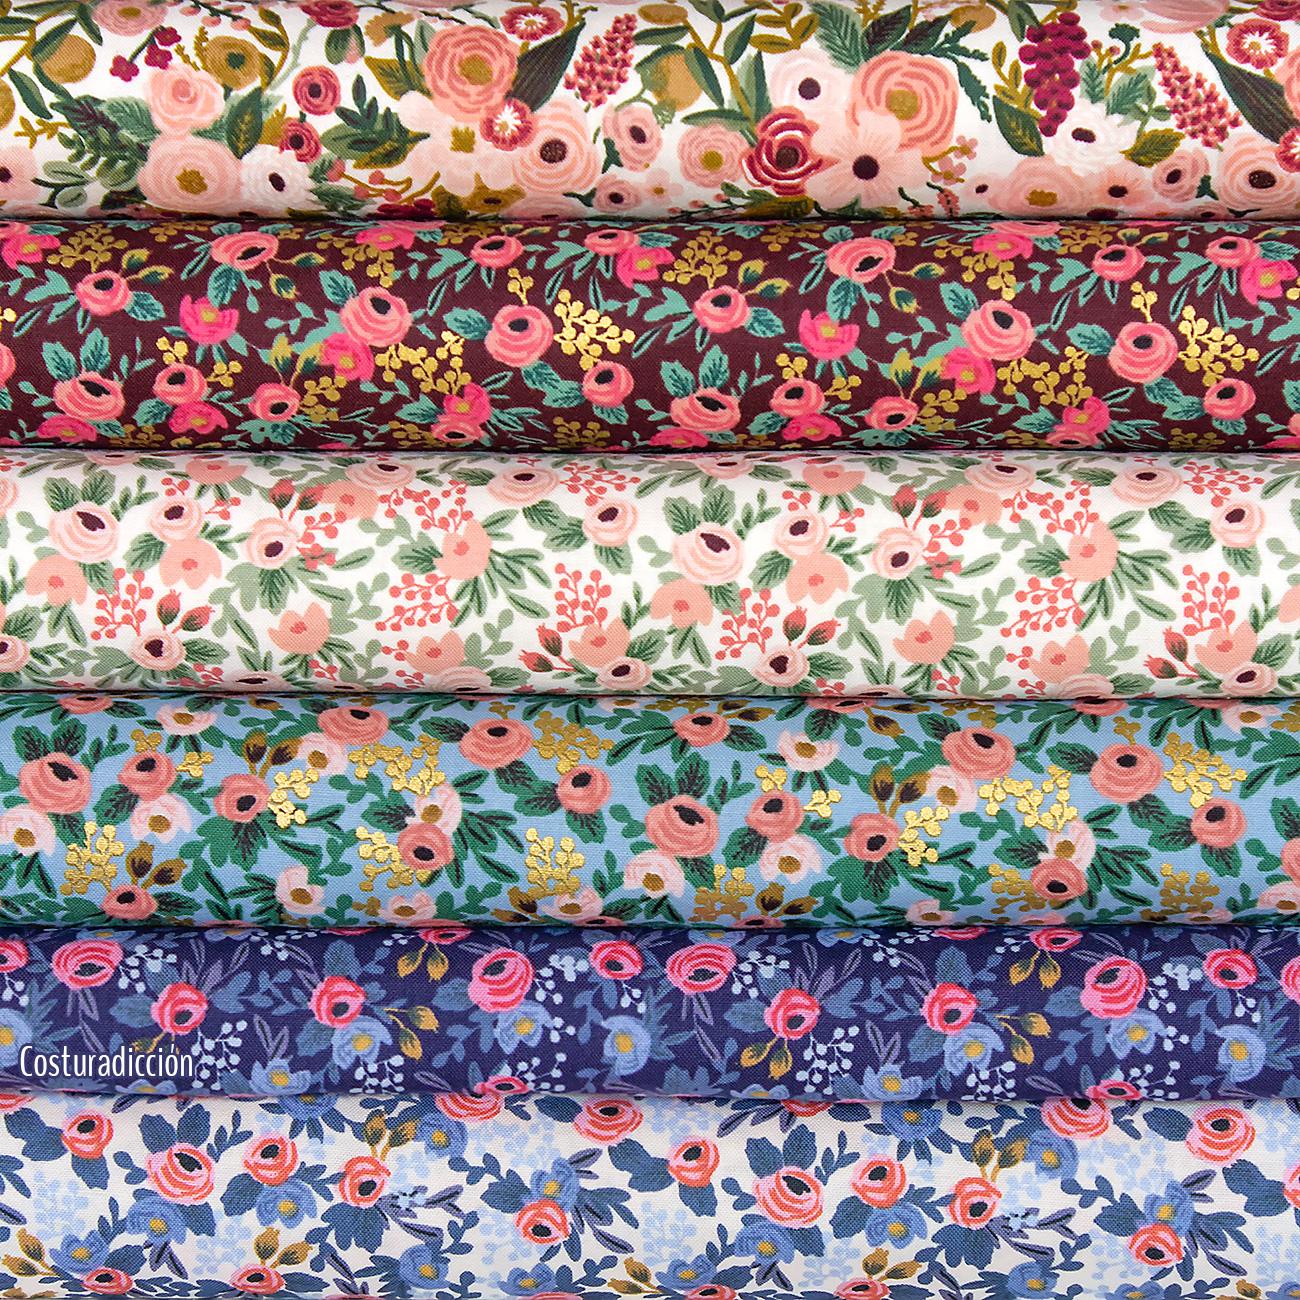 Imagen de producto: https://tienda.costuradiccion.com/img/articulos/secundarias14533-tela-rifle-paper-garden-party-chambray-azul-con-metalizado-algodon-medio-metro-6.jpg